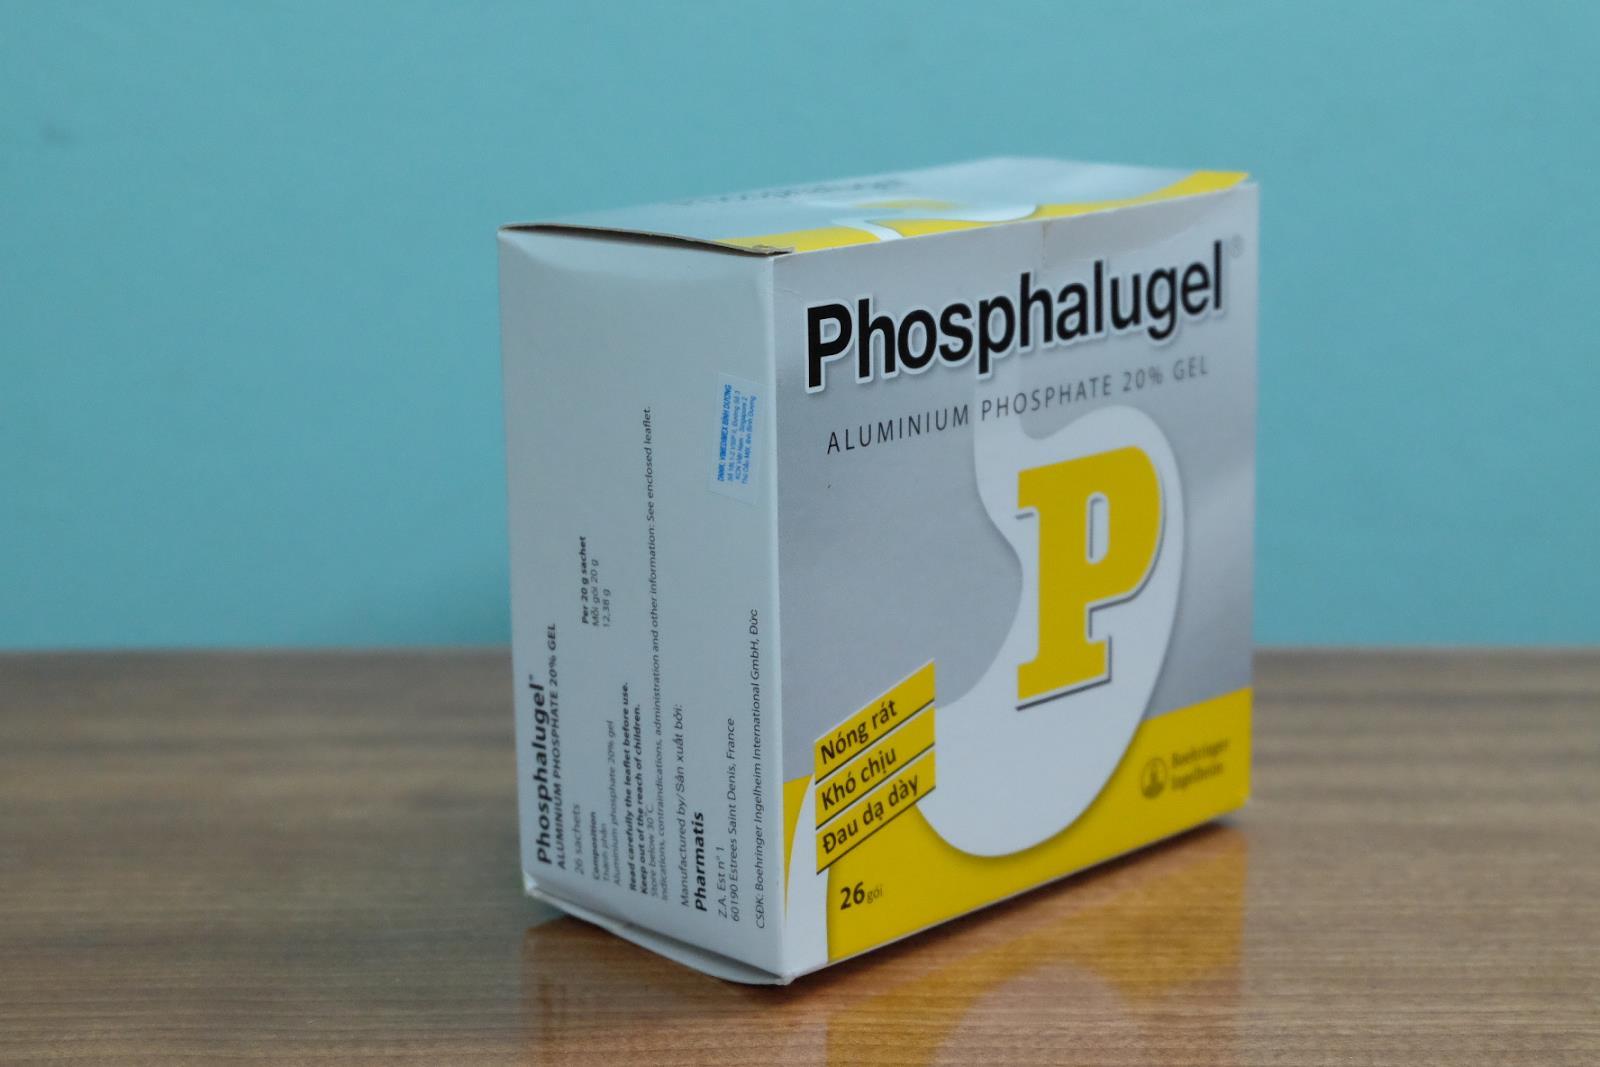 Thuốc Phosphalugel ở dạng lỏng, thích hợp điều trị cho dạ dày bị viêm loét